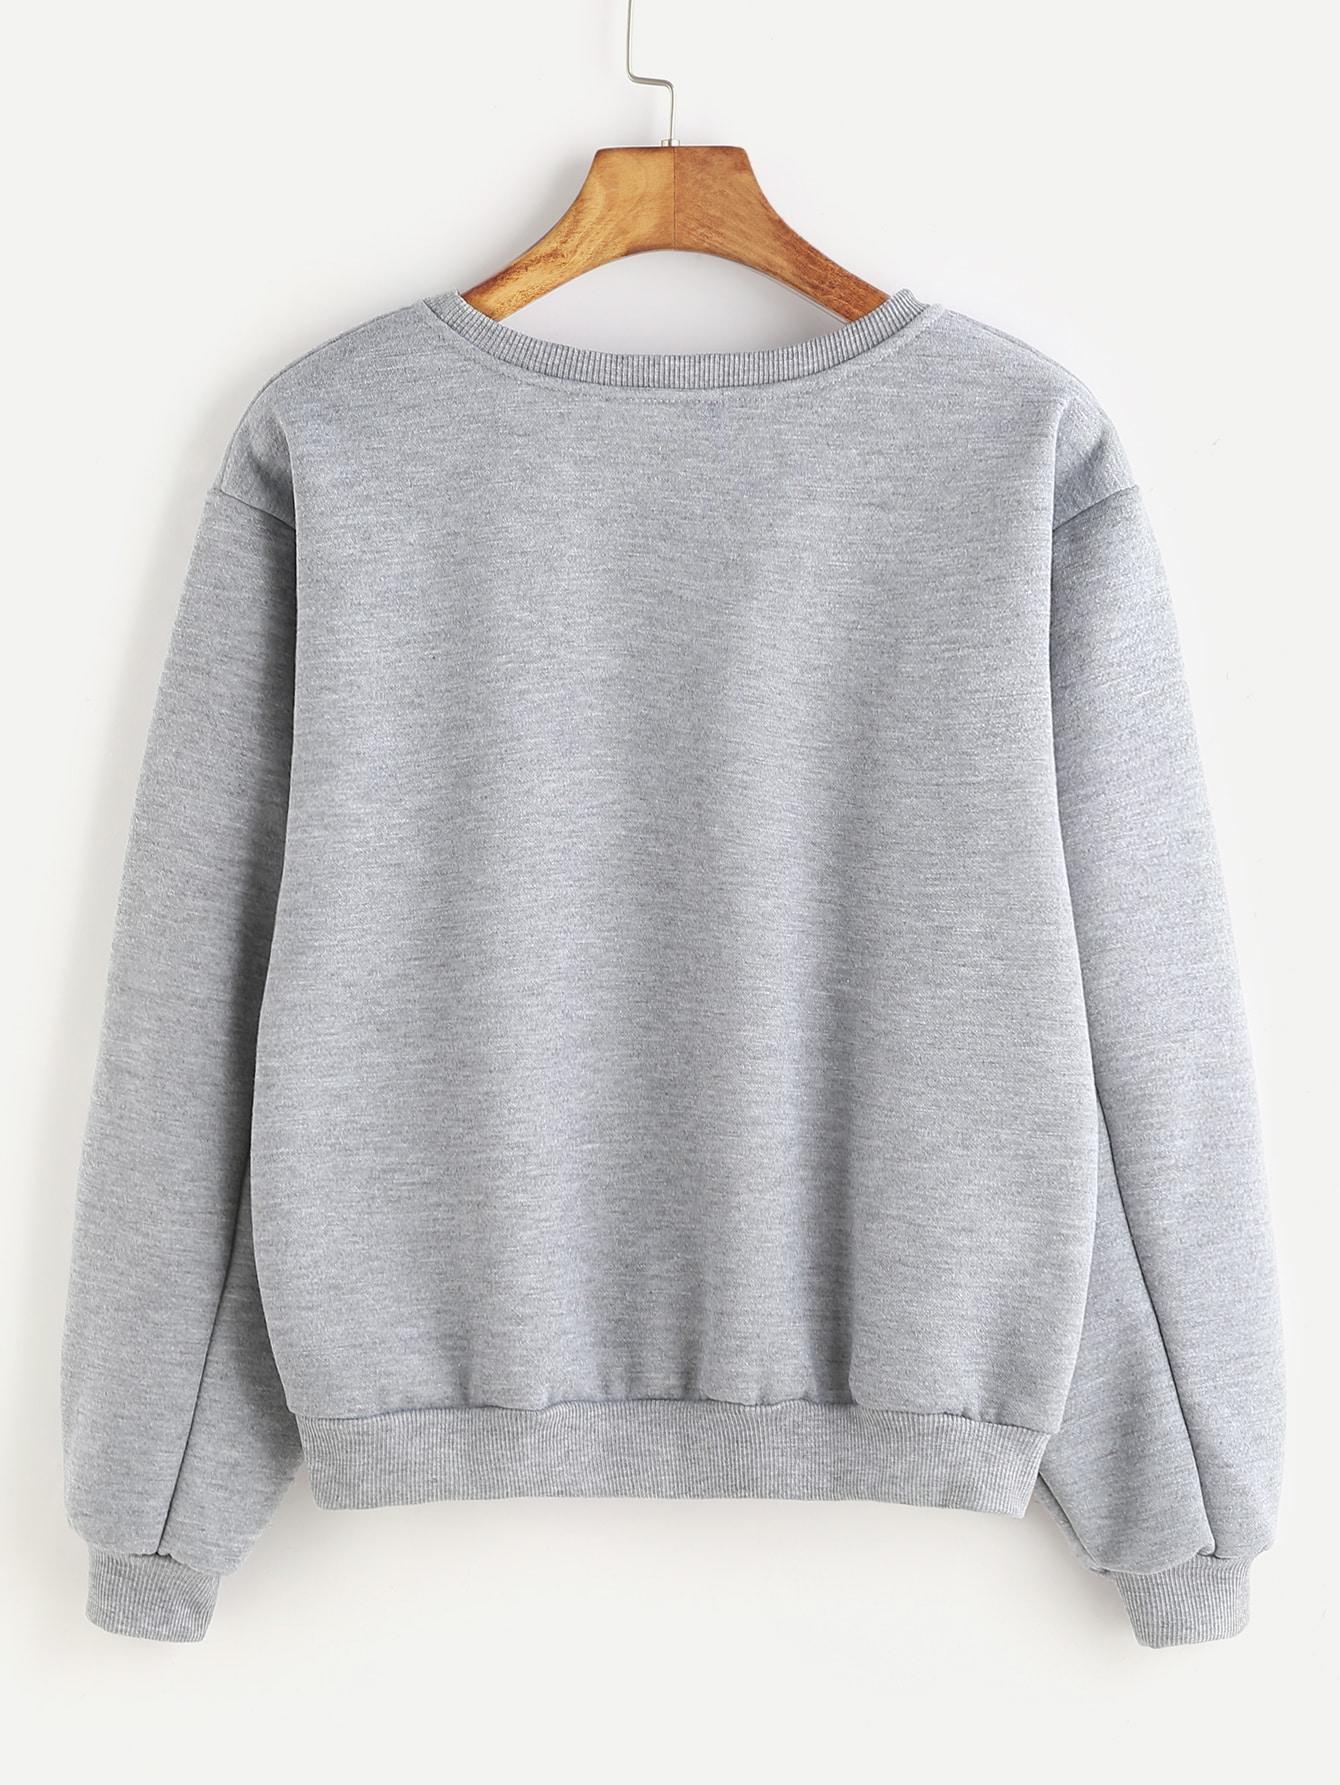 sweatshirt161121101_2